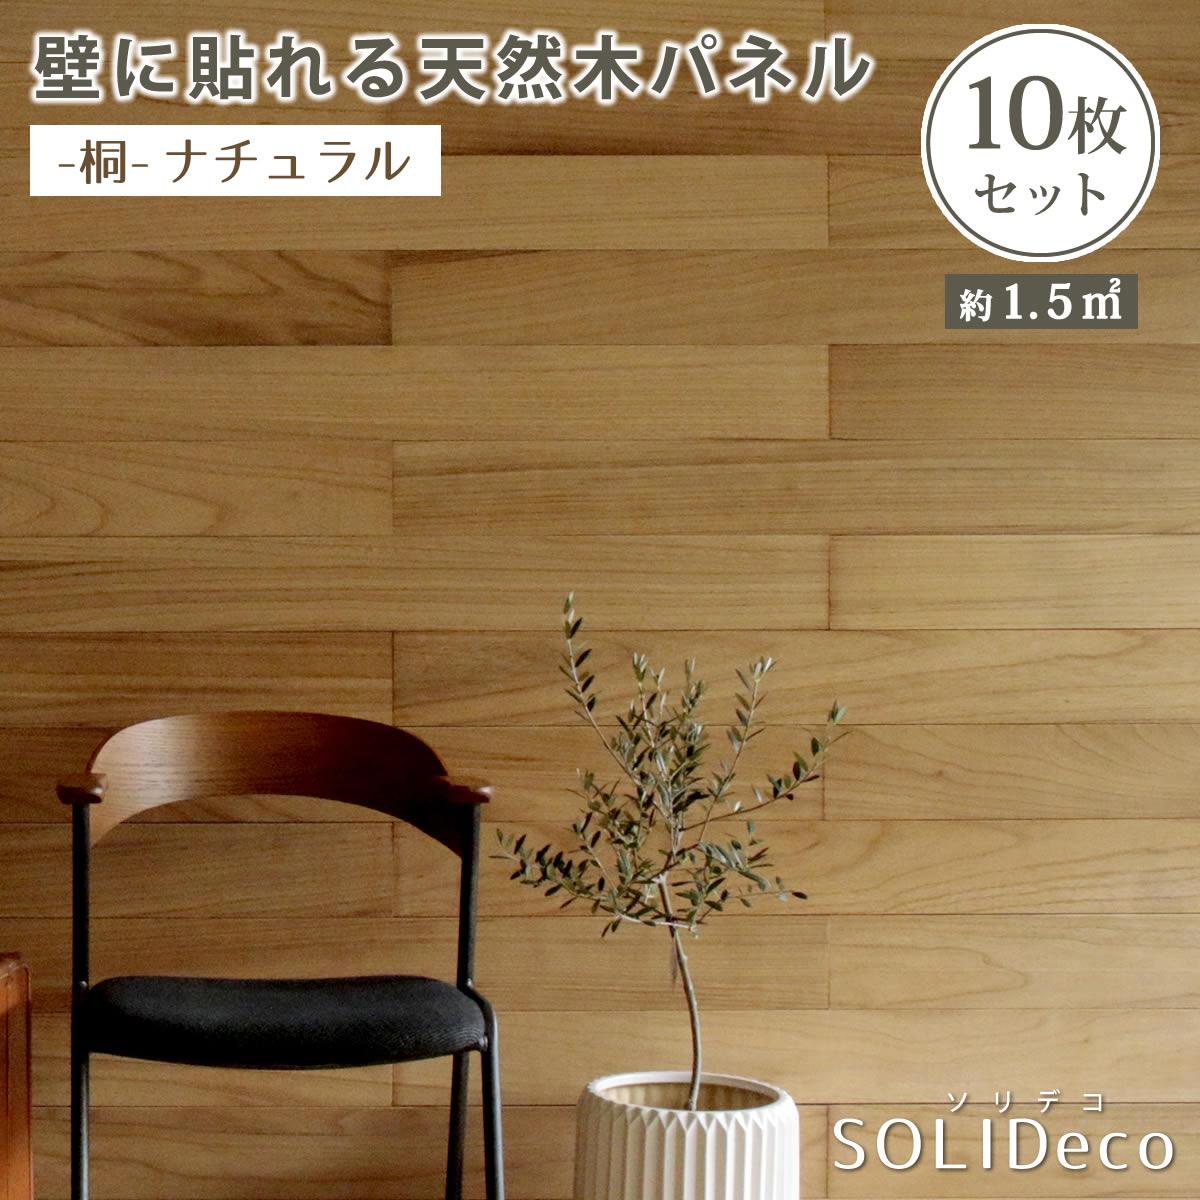 楽天市場 Solideco 壁に貼れる天然木パネル 10枚組 約1 5m2 送料